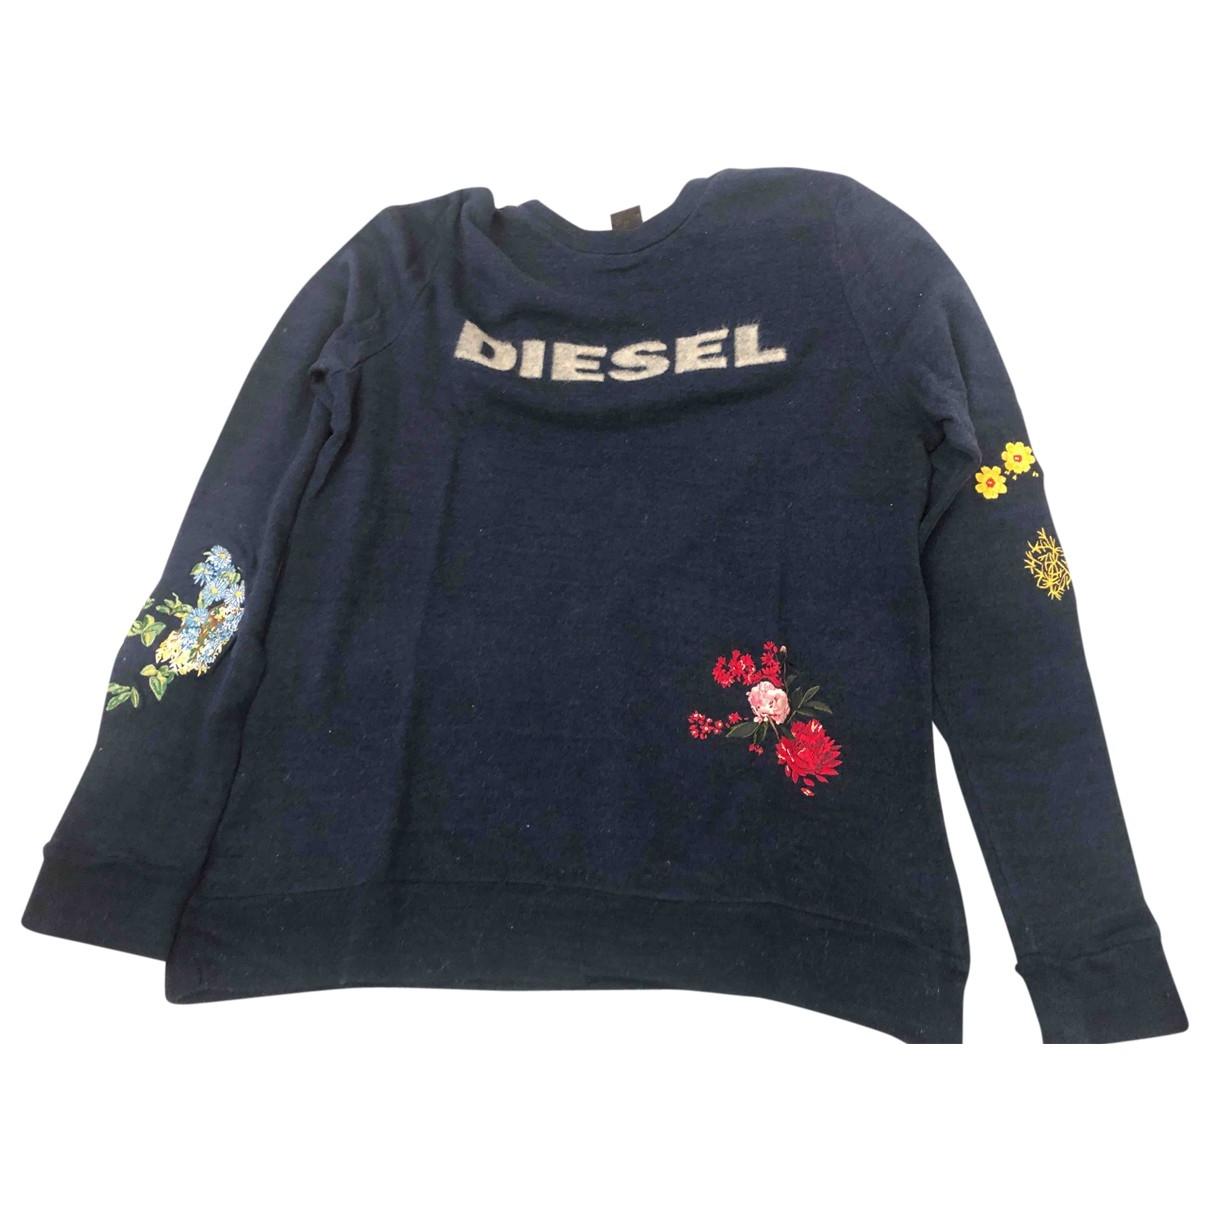 Diesel - Pull   pour femme en coton - bleu